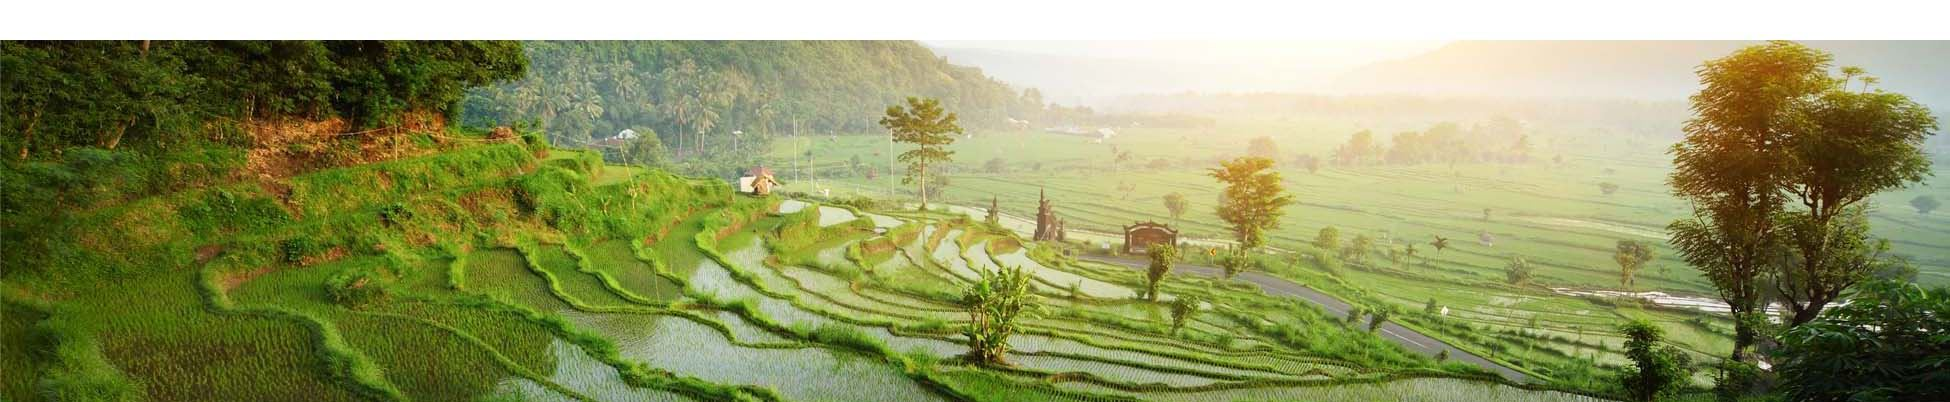 Indonésie bali rizières